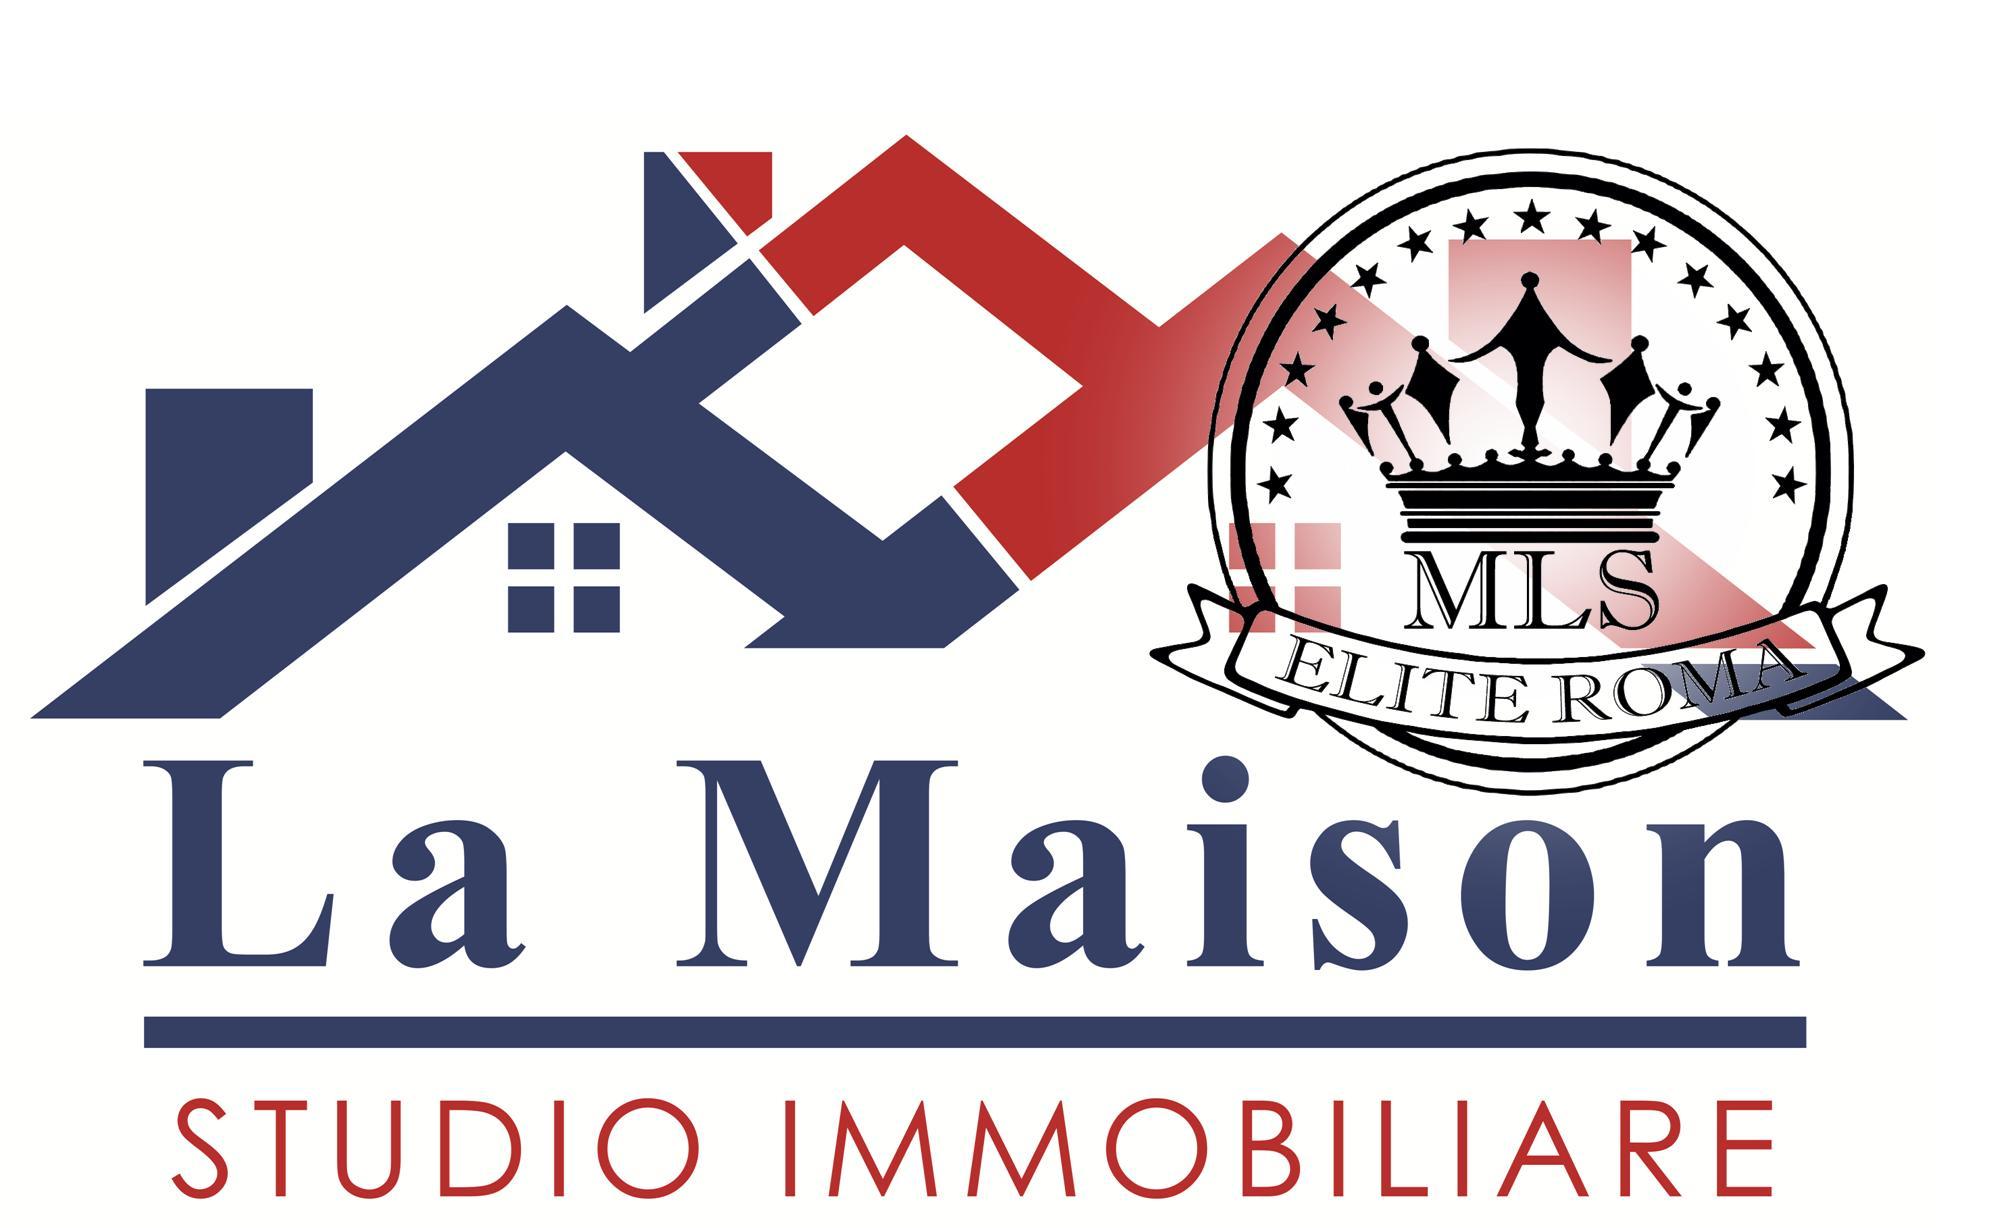 Studio Immobiliare La Maison